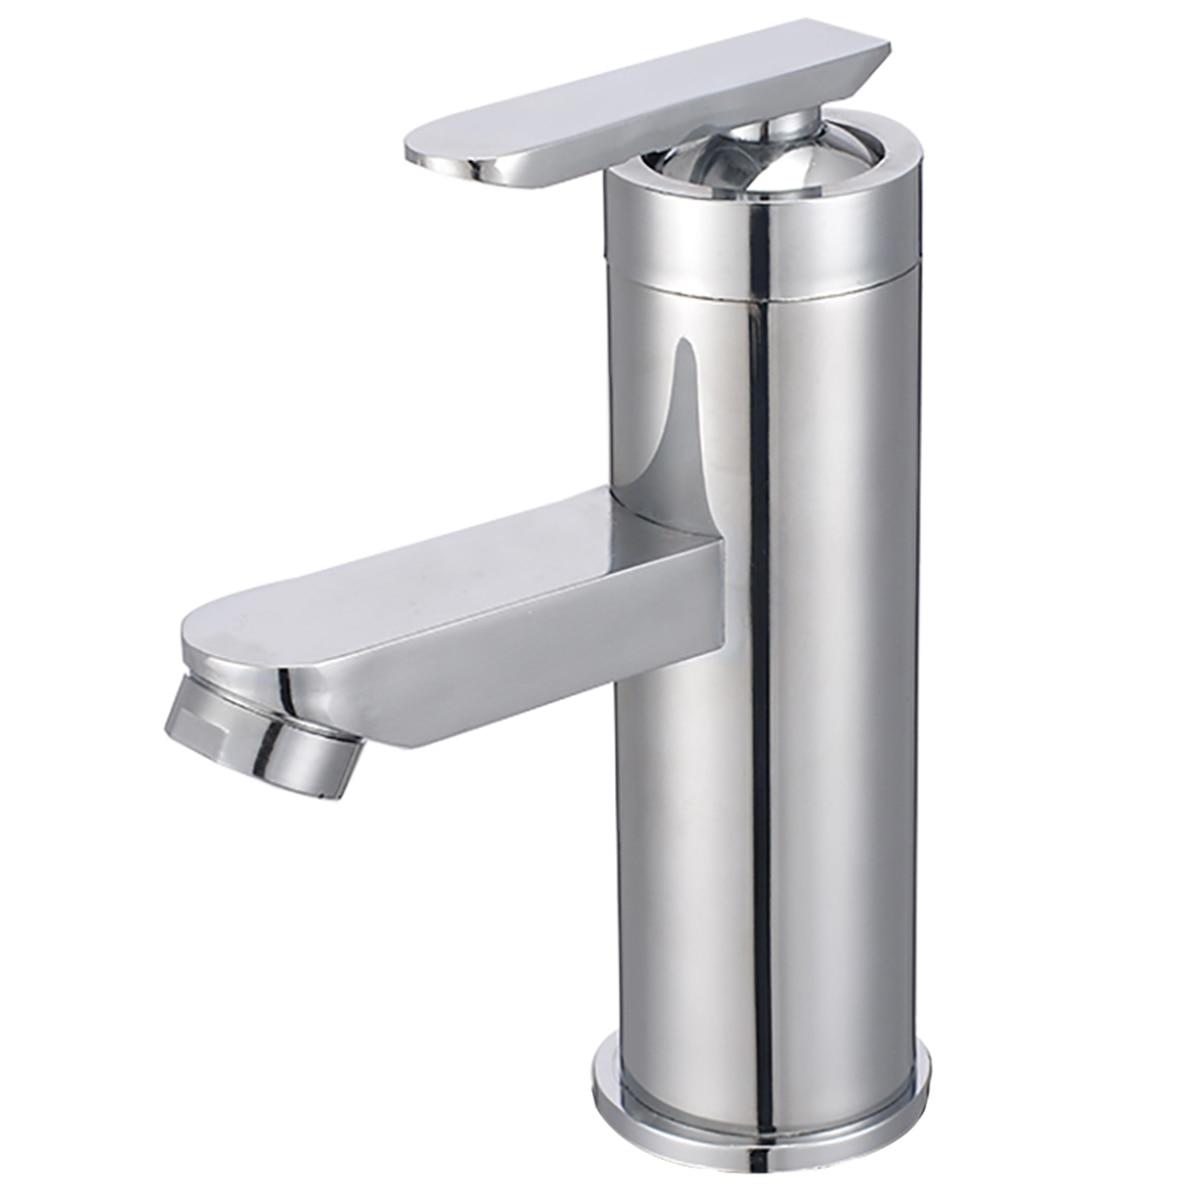 Mayitr водопад, кран для ванной комнаты, кран для раковины, хромированный кран с одной ручкой, смеситель для холодной и горячей воды, кухонные п...